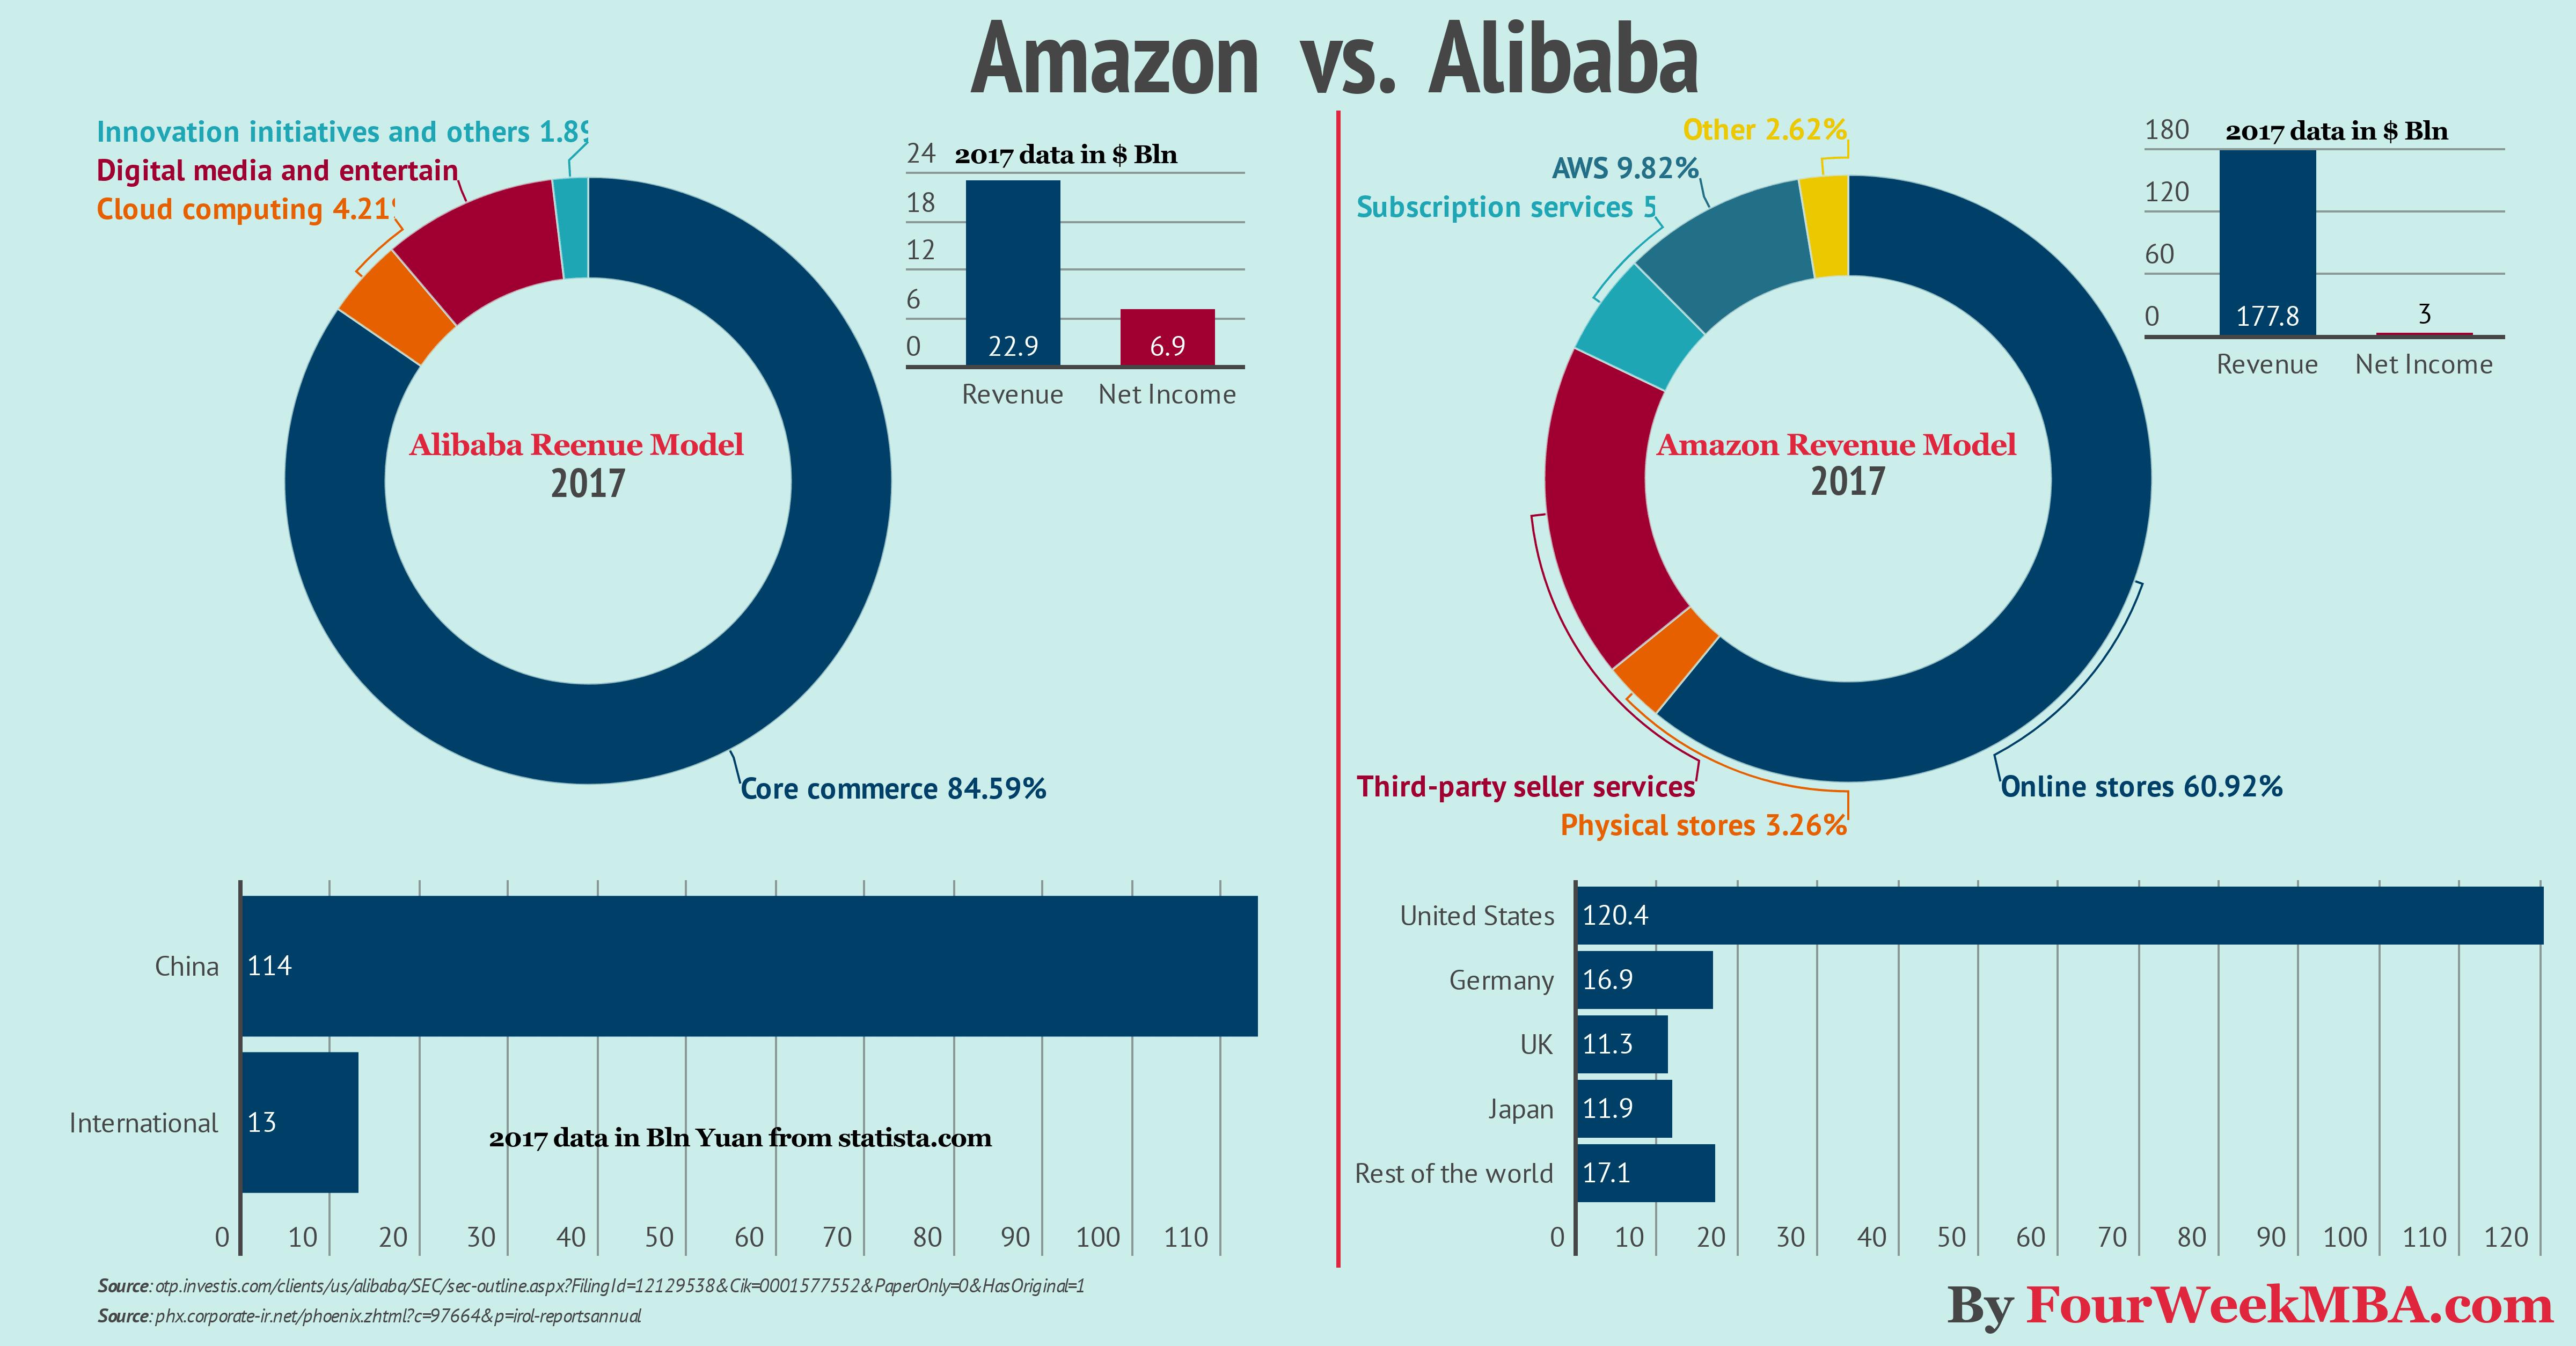 Alibaba vs. Amazon Compared in a Single Infographic